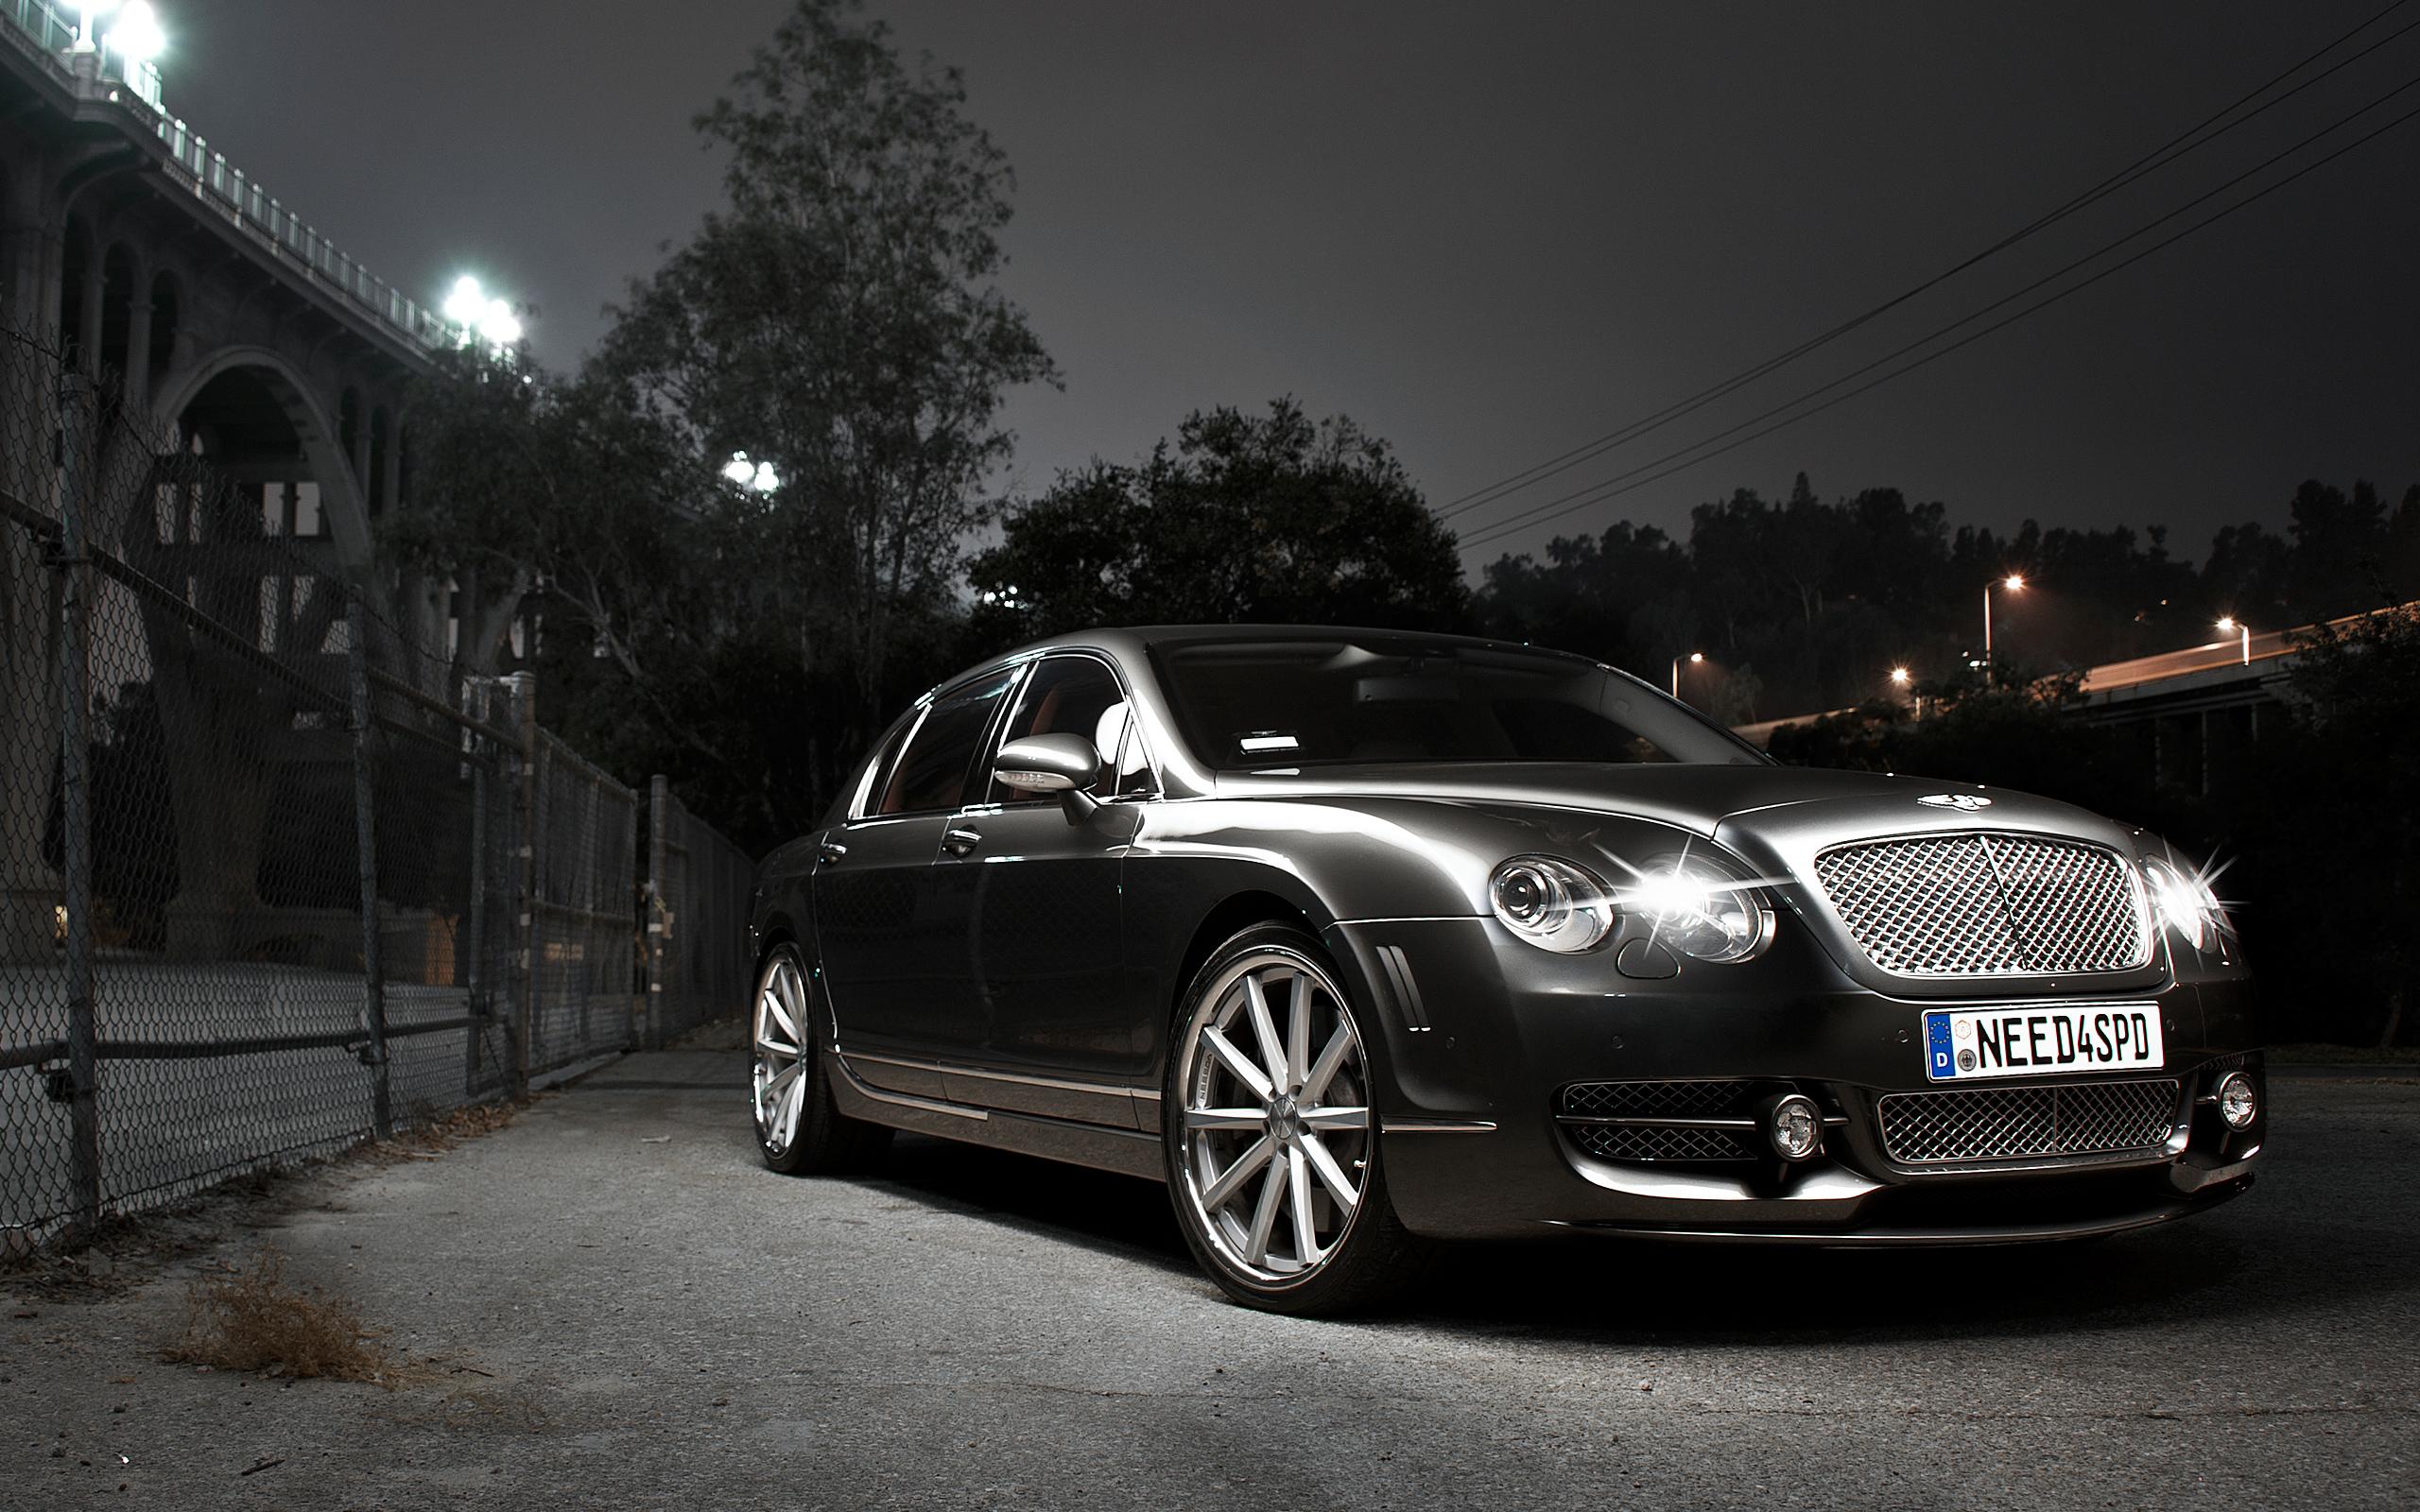 Black Bentley Continental Gt Wallpaper Hd 48795 2560x1600